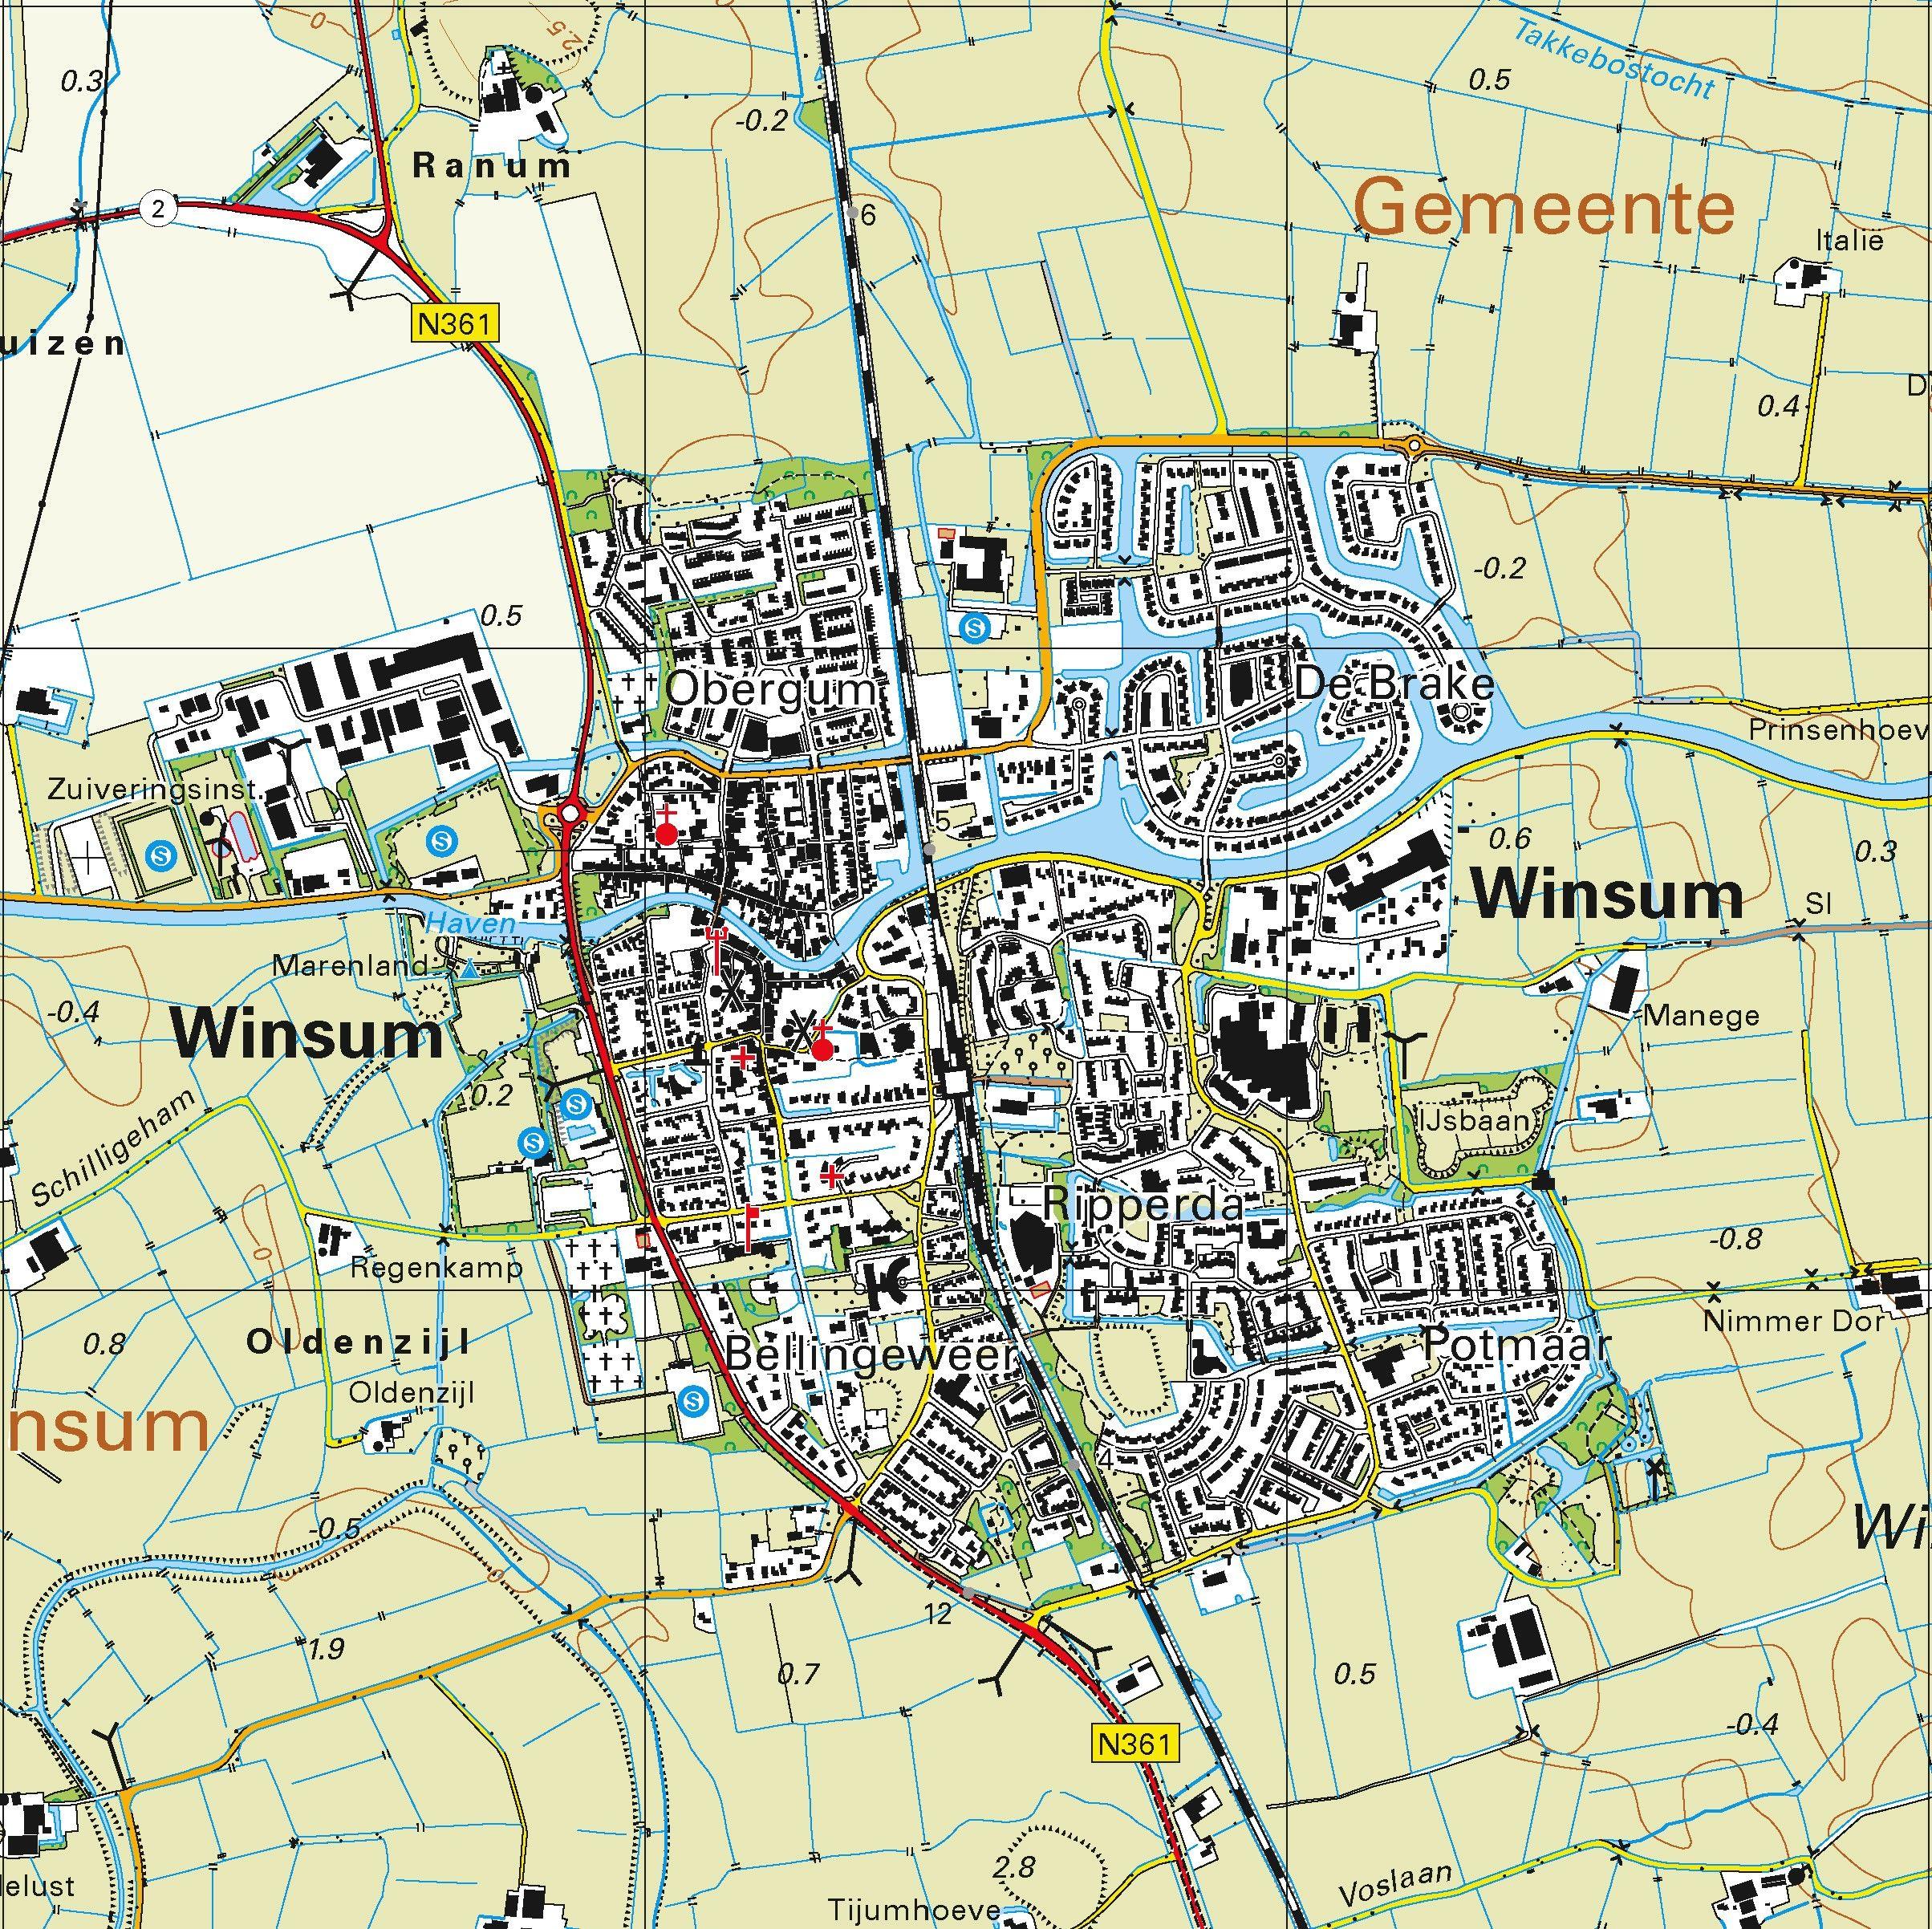 Topografische kaart schaal 1:25.000 (Warffum, Leens, Oldehove, Winsum, Bedum)